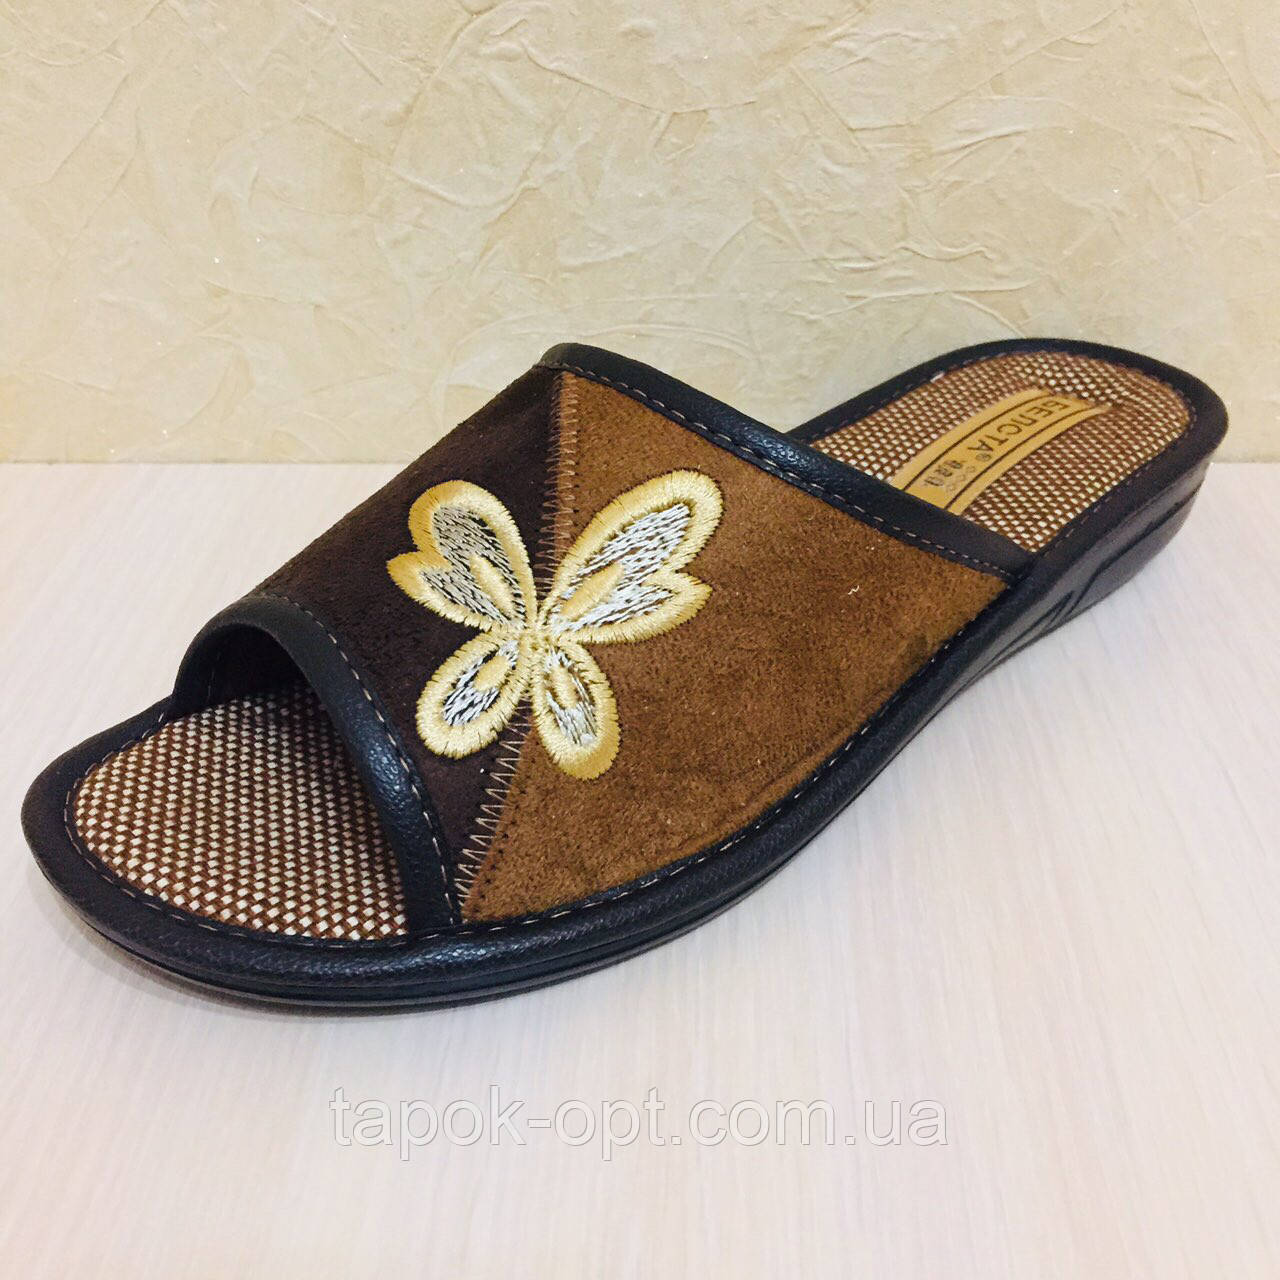 Обувь домашняя женская открытая